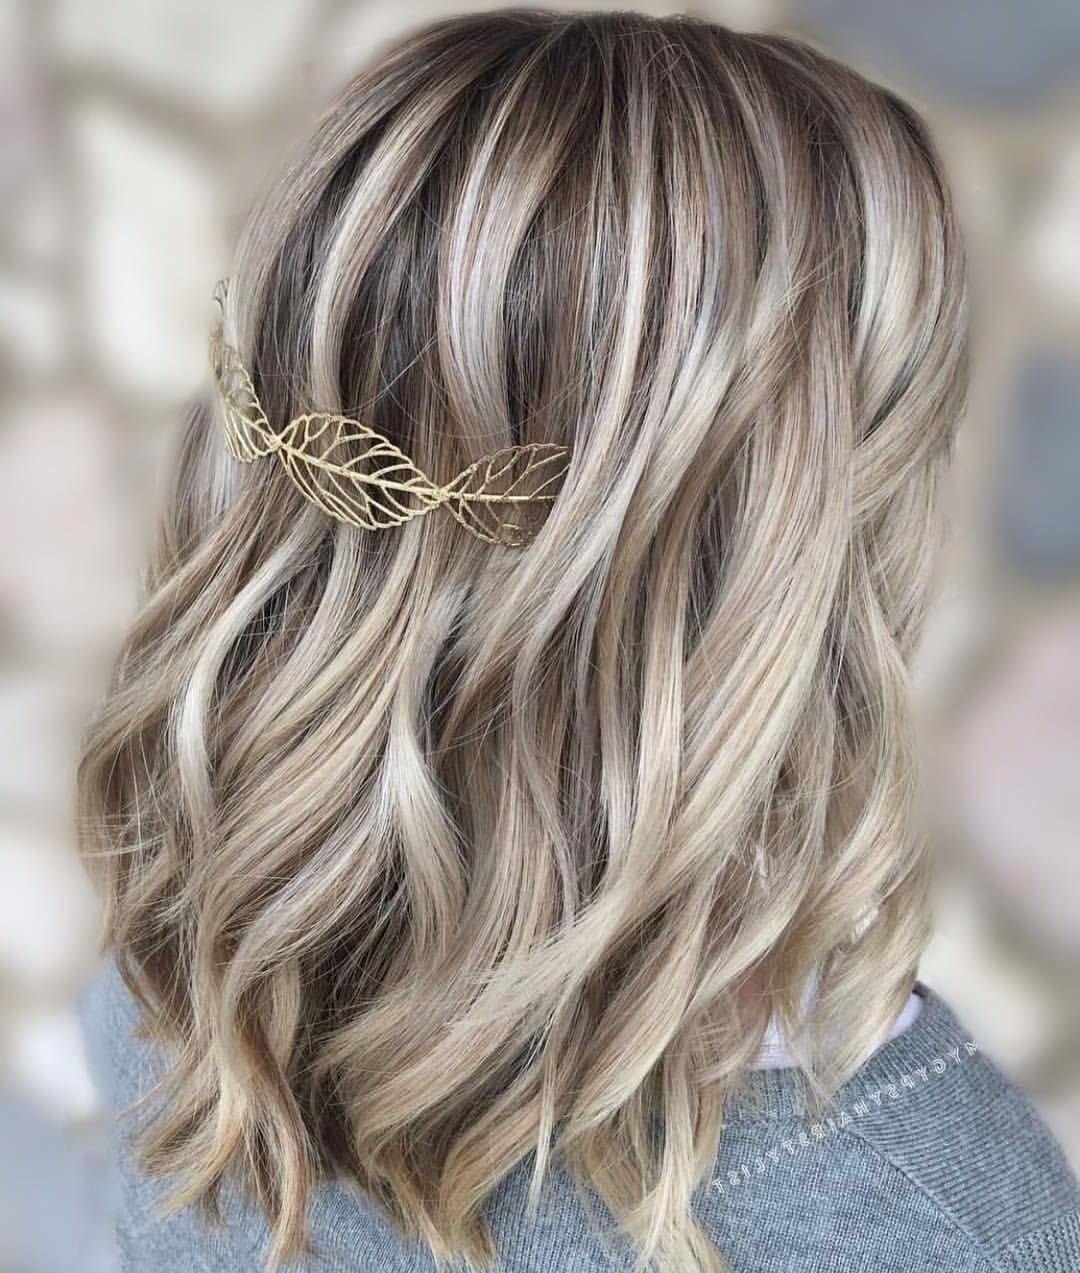 In blondierte Haare einige braune Strähnen einzufügen